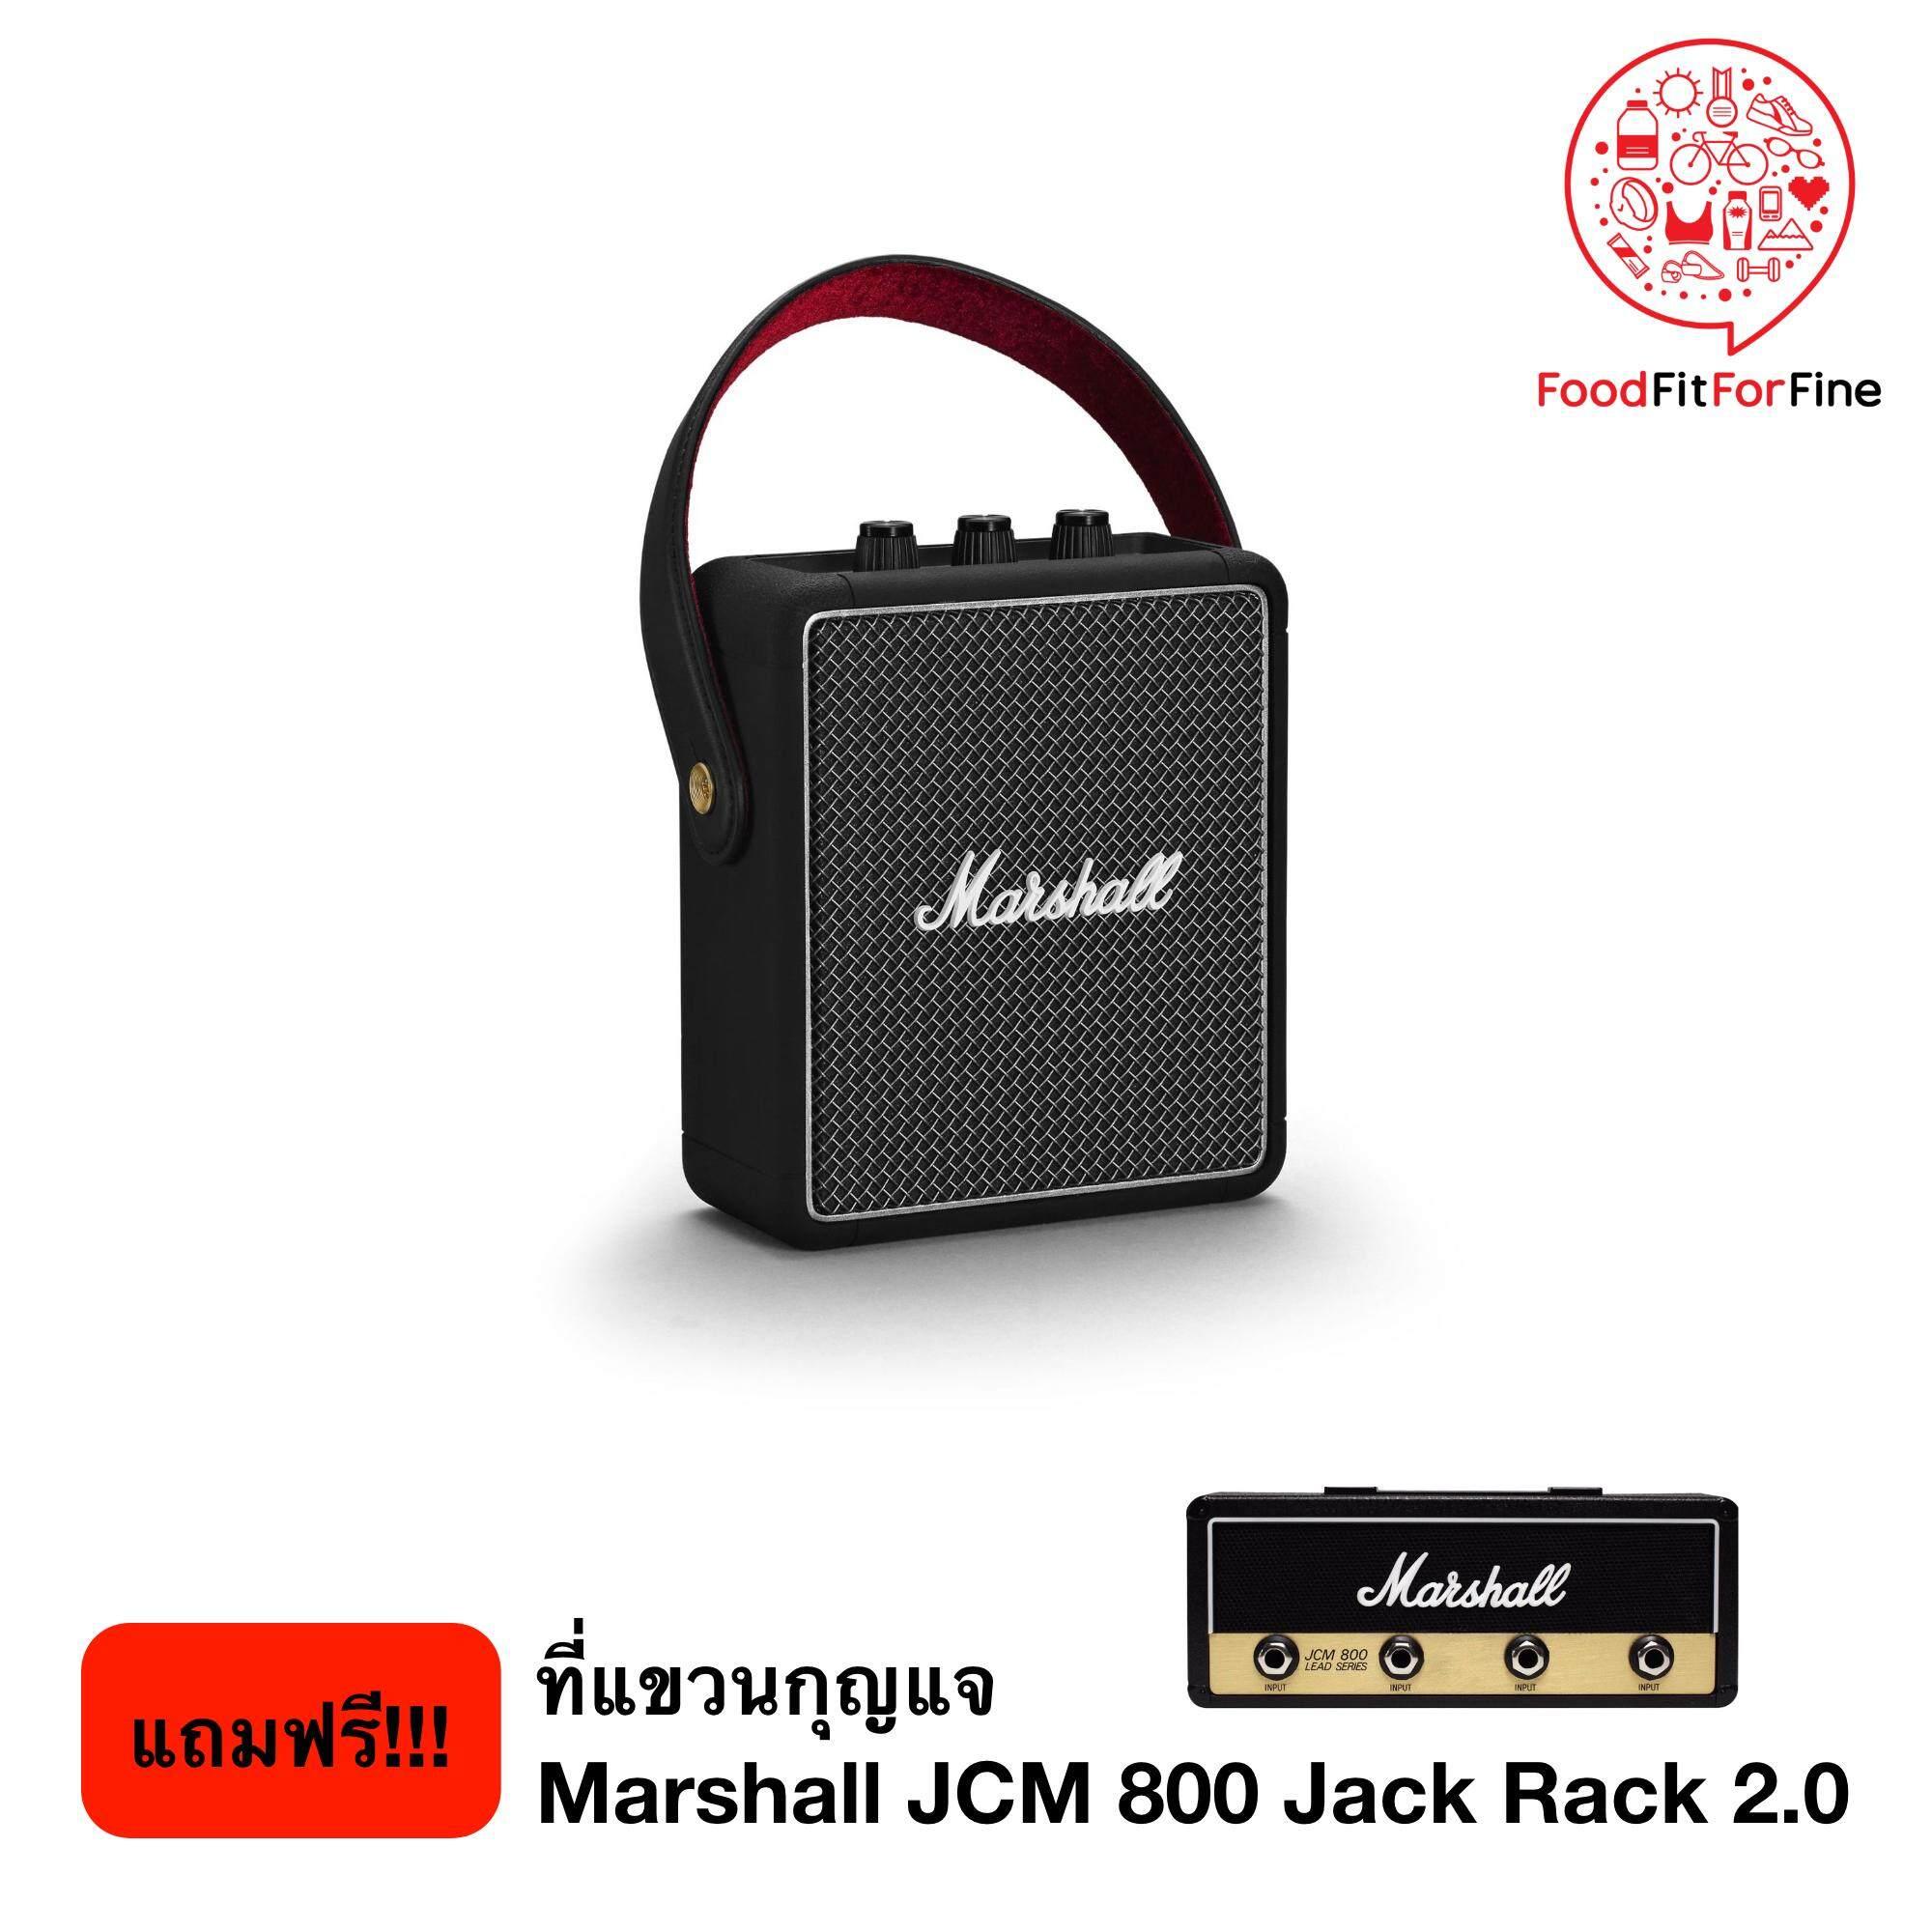 การใช้งาน  เพชรบูรณ์ ลำโพง Marshall Stockwell ll Bluetooth Speaker ประกันศูนย์ไทย 1 ปี แถมฟรี ที่แขวนกุญแจ Marshall JCM 800 Jack Rack 2.0